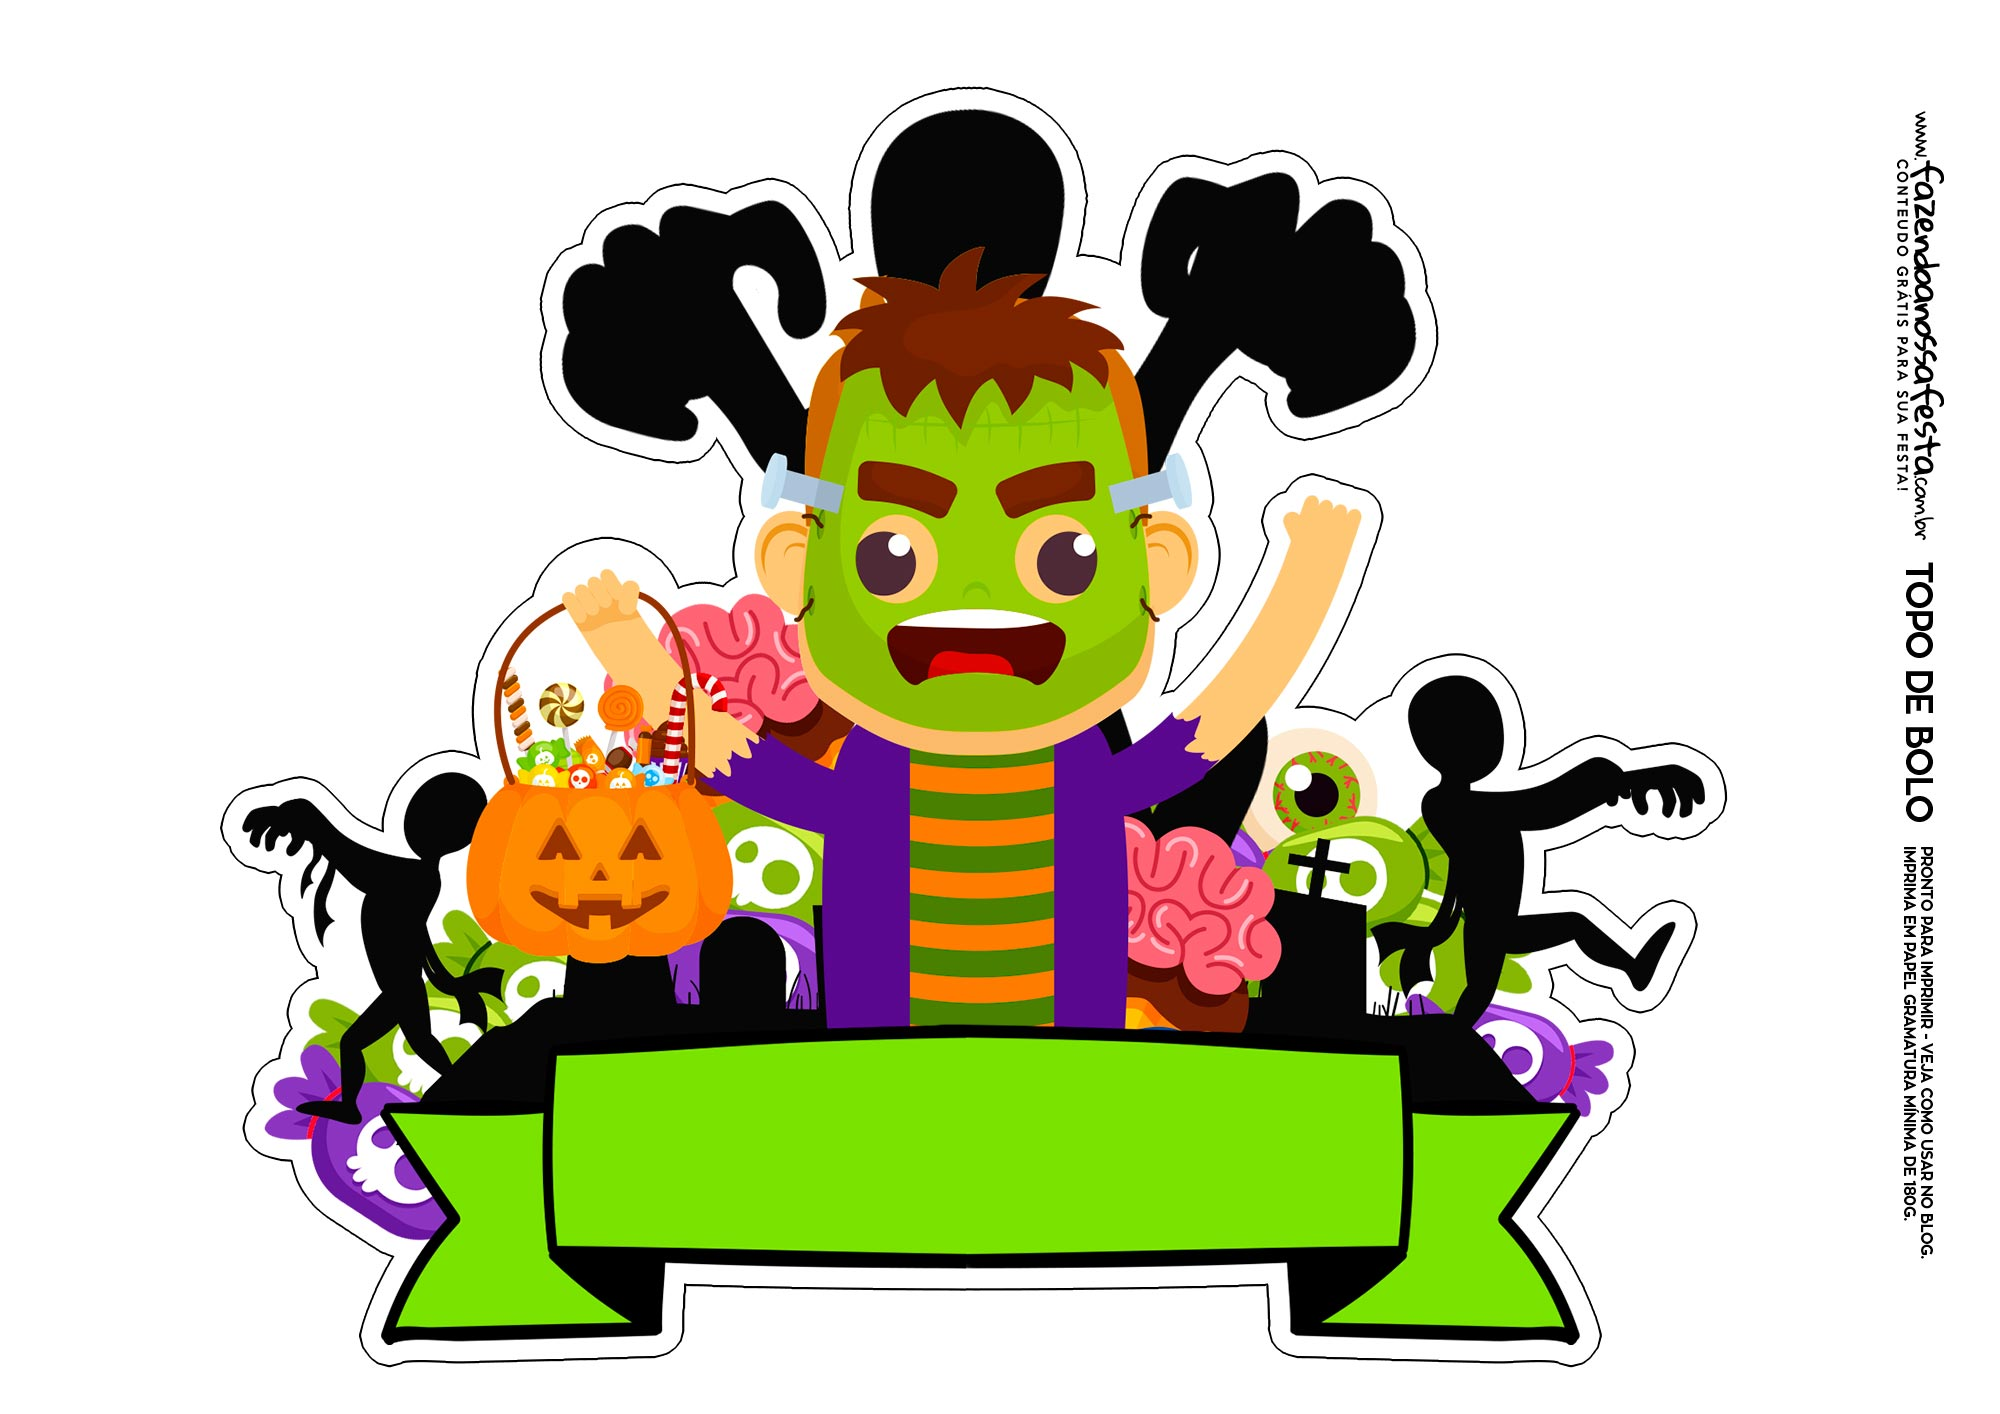 Topo de bolo Halloween Frank 4